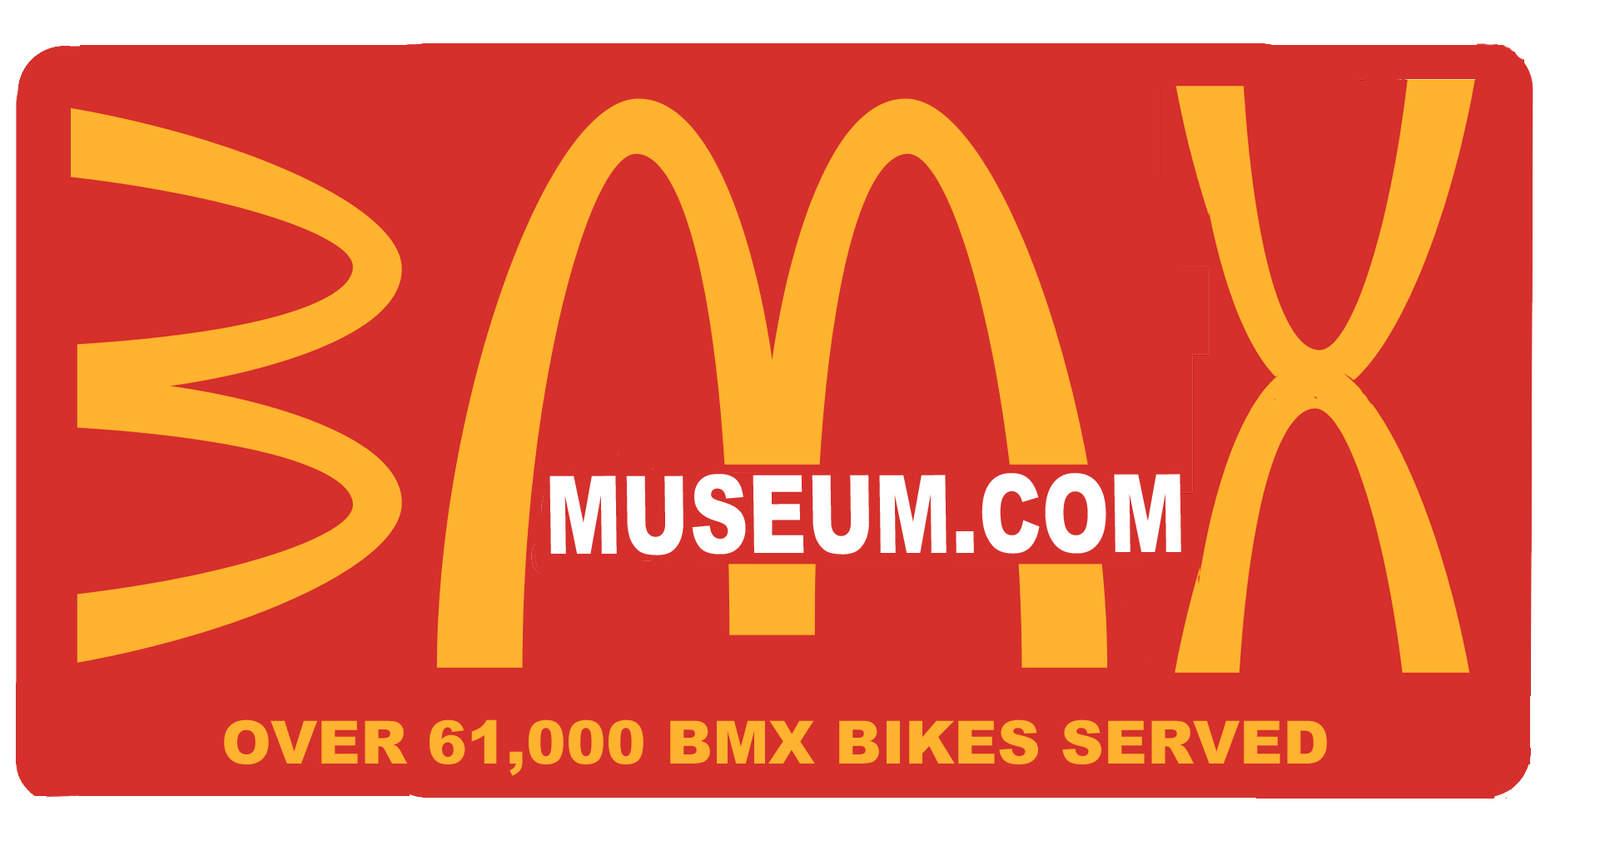 https://s3.amazonaws.com/uploads.bmxmuseum.com/user-images/152/mcbmx25ae6ae8e30.jpg